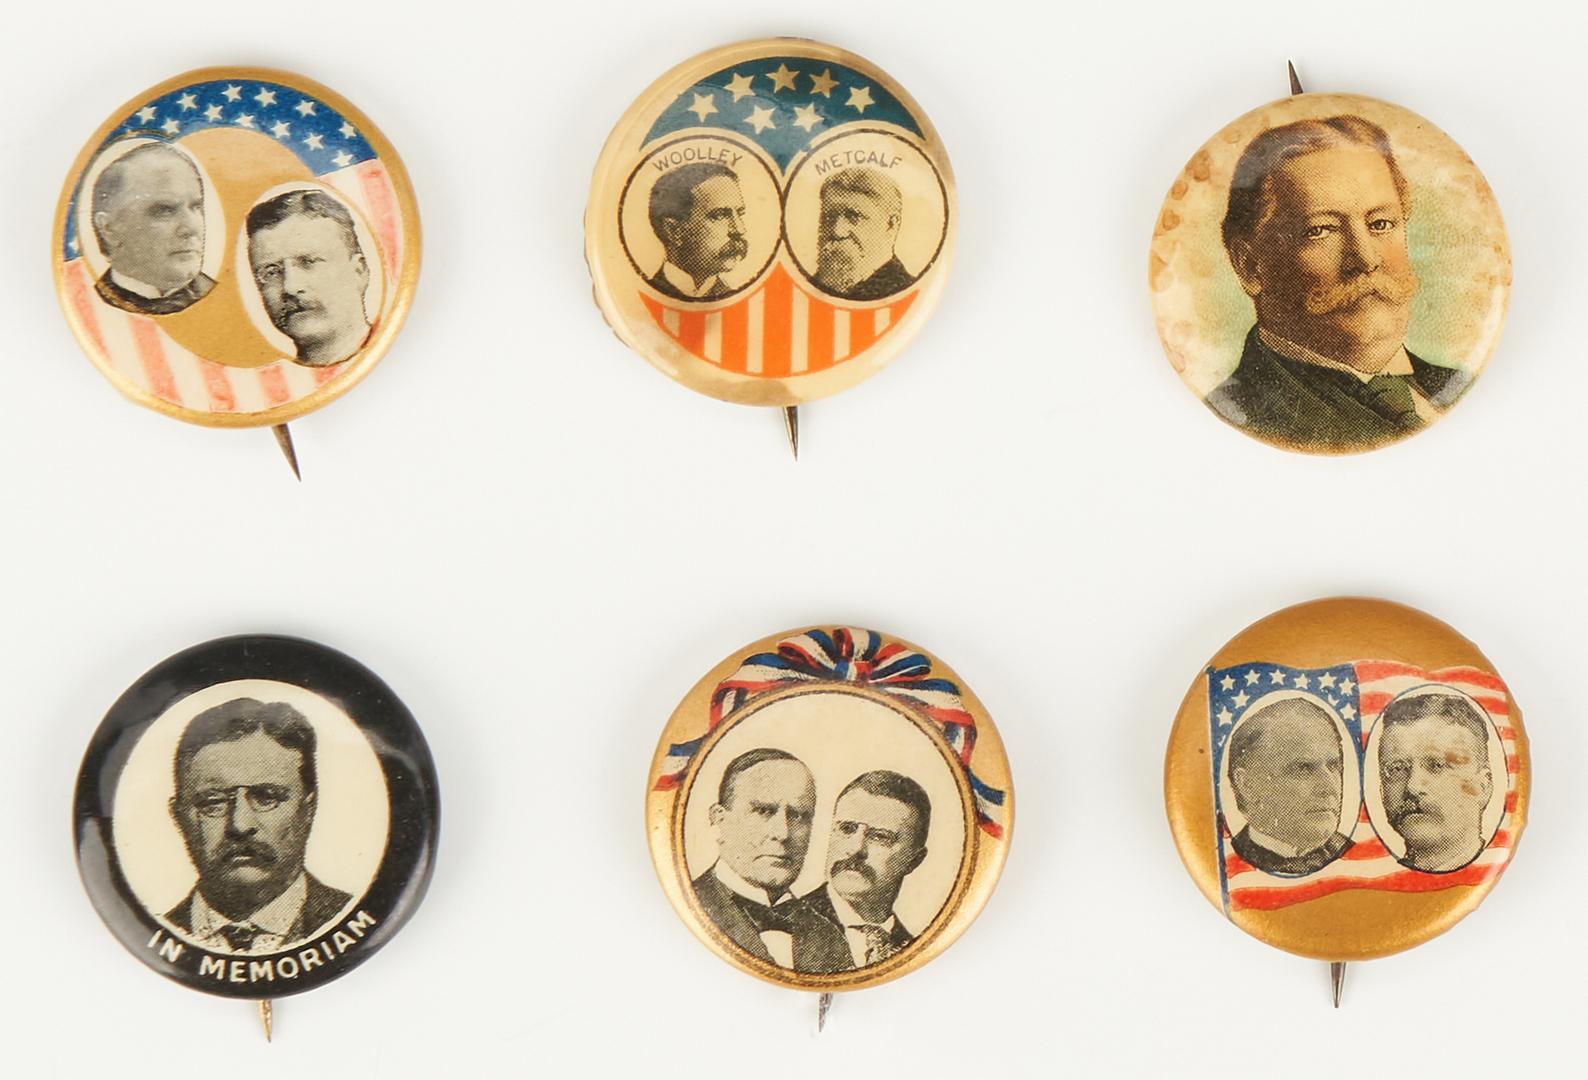 Lot 1010: 18 Political Buttons, incl. McKinley, T. Roosevelt, Taft